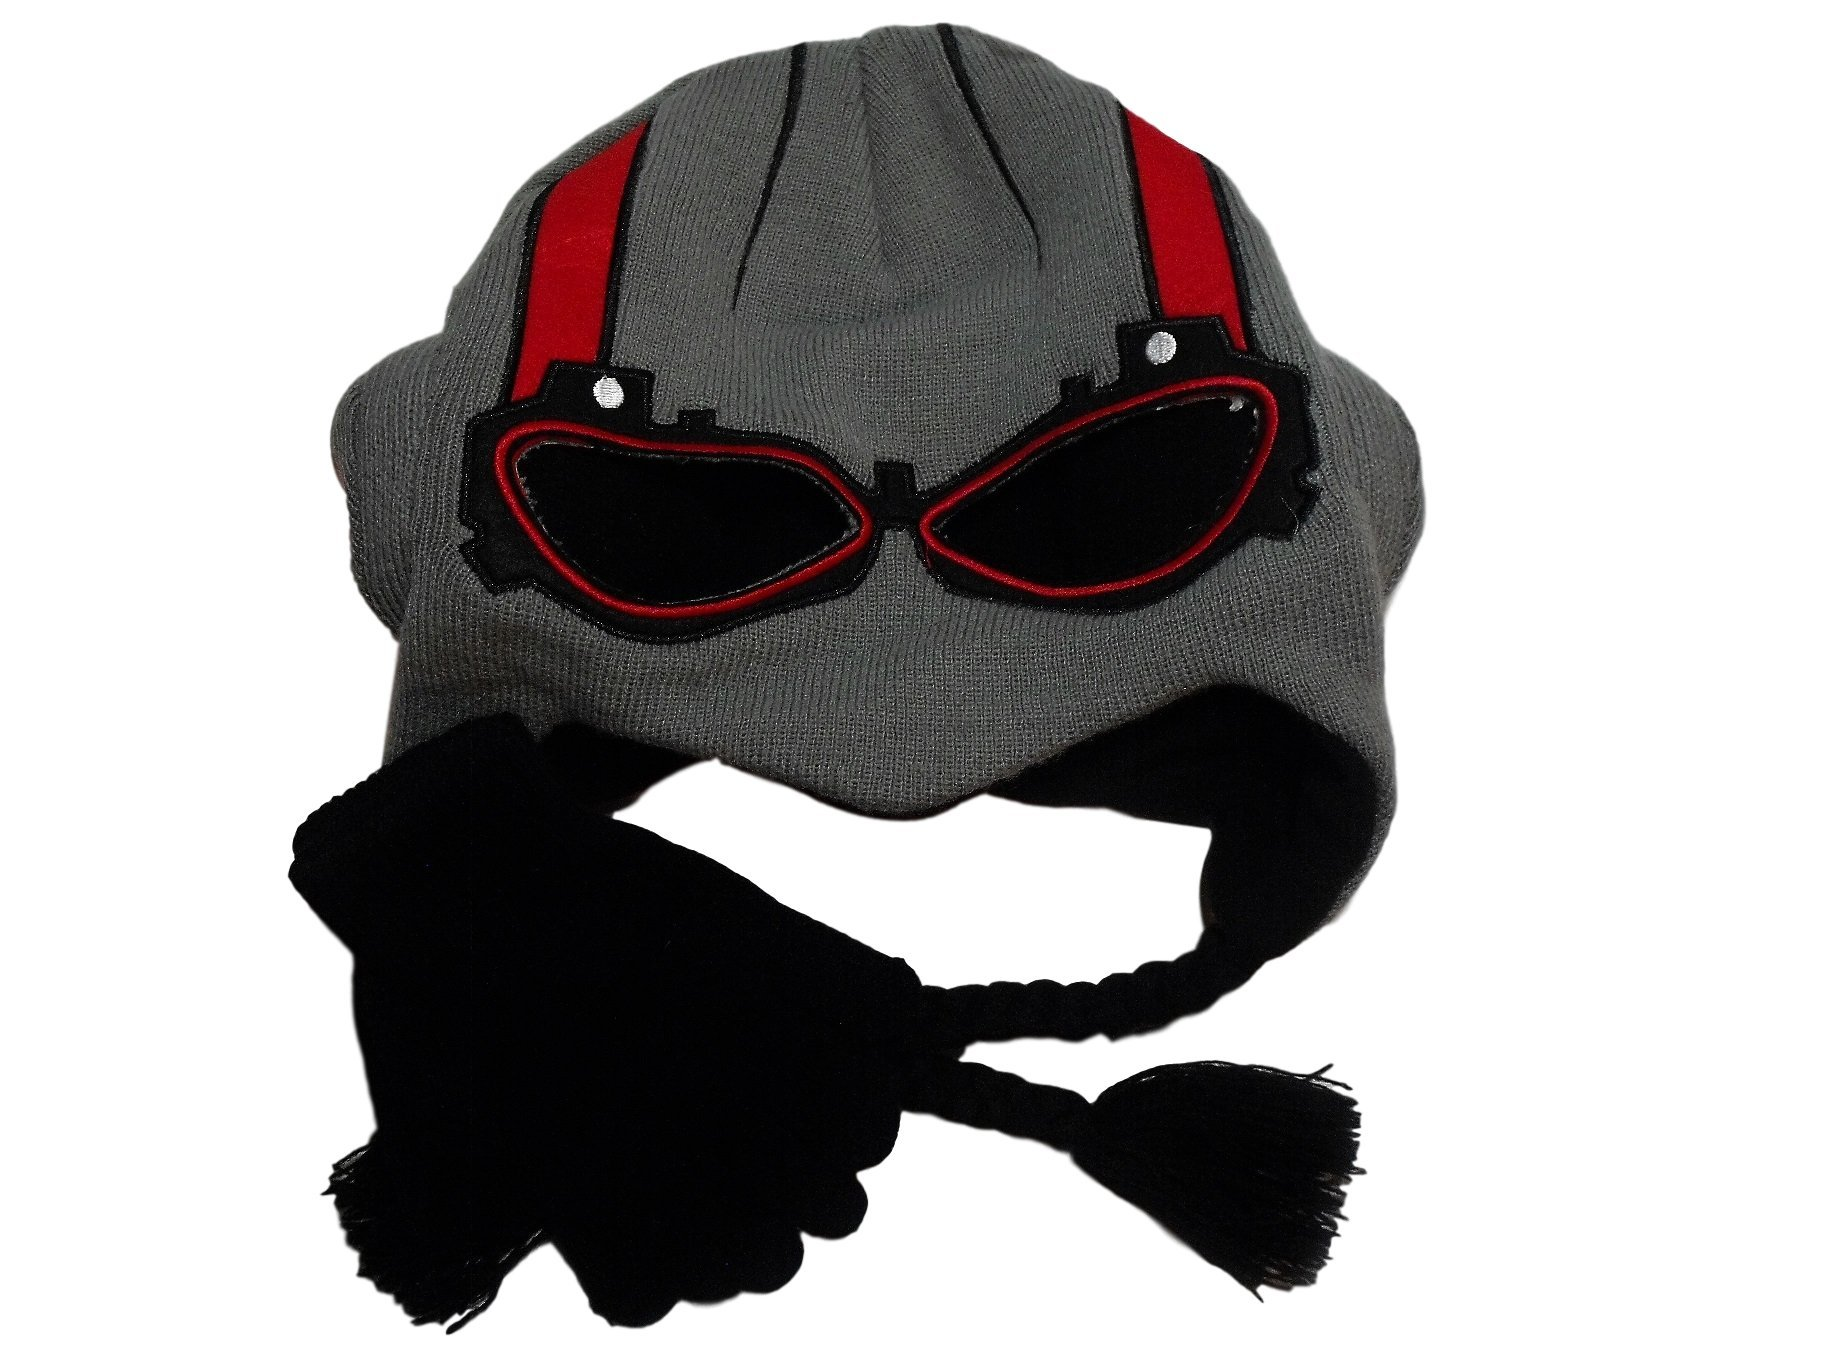 Marvel Ant Man Laplander Peruvian Knit Beanie Hat Black Gloves Set